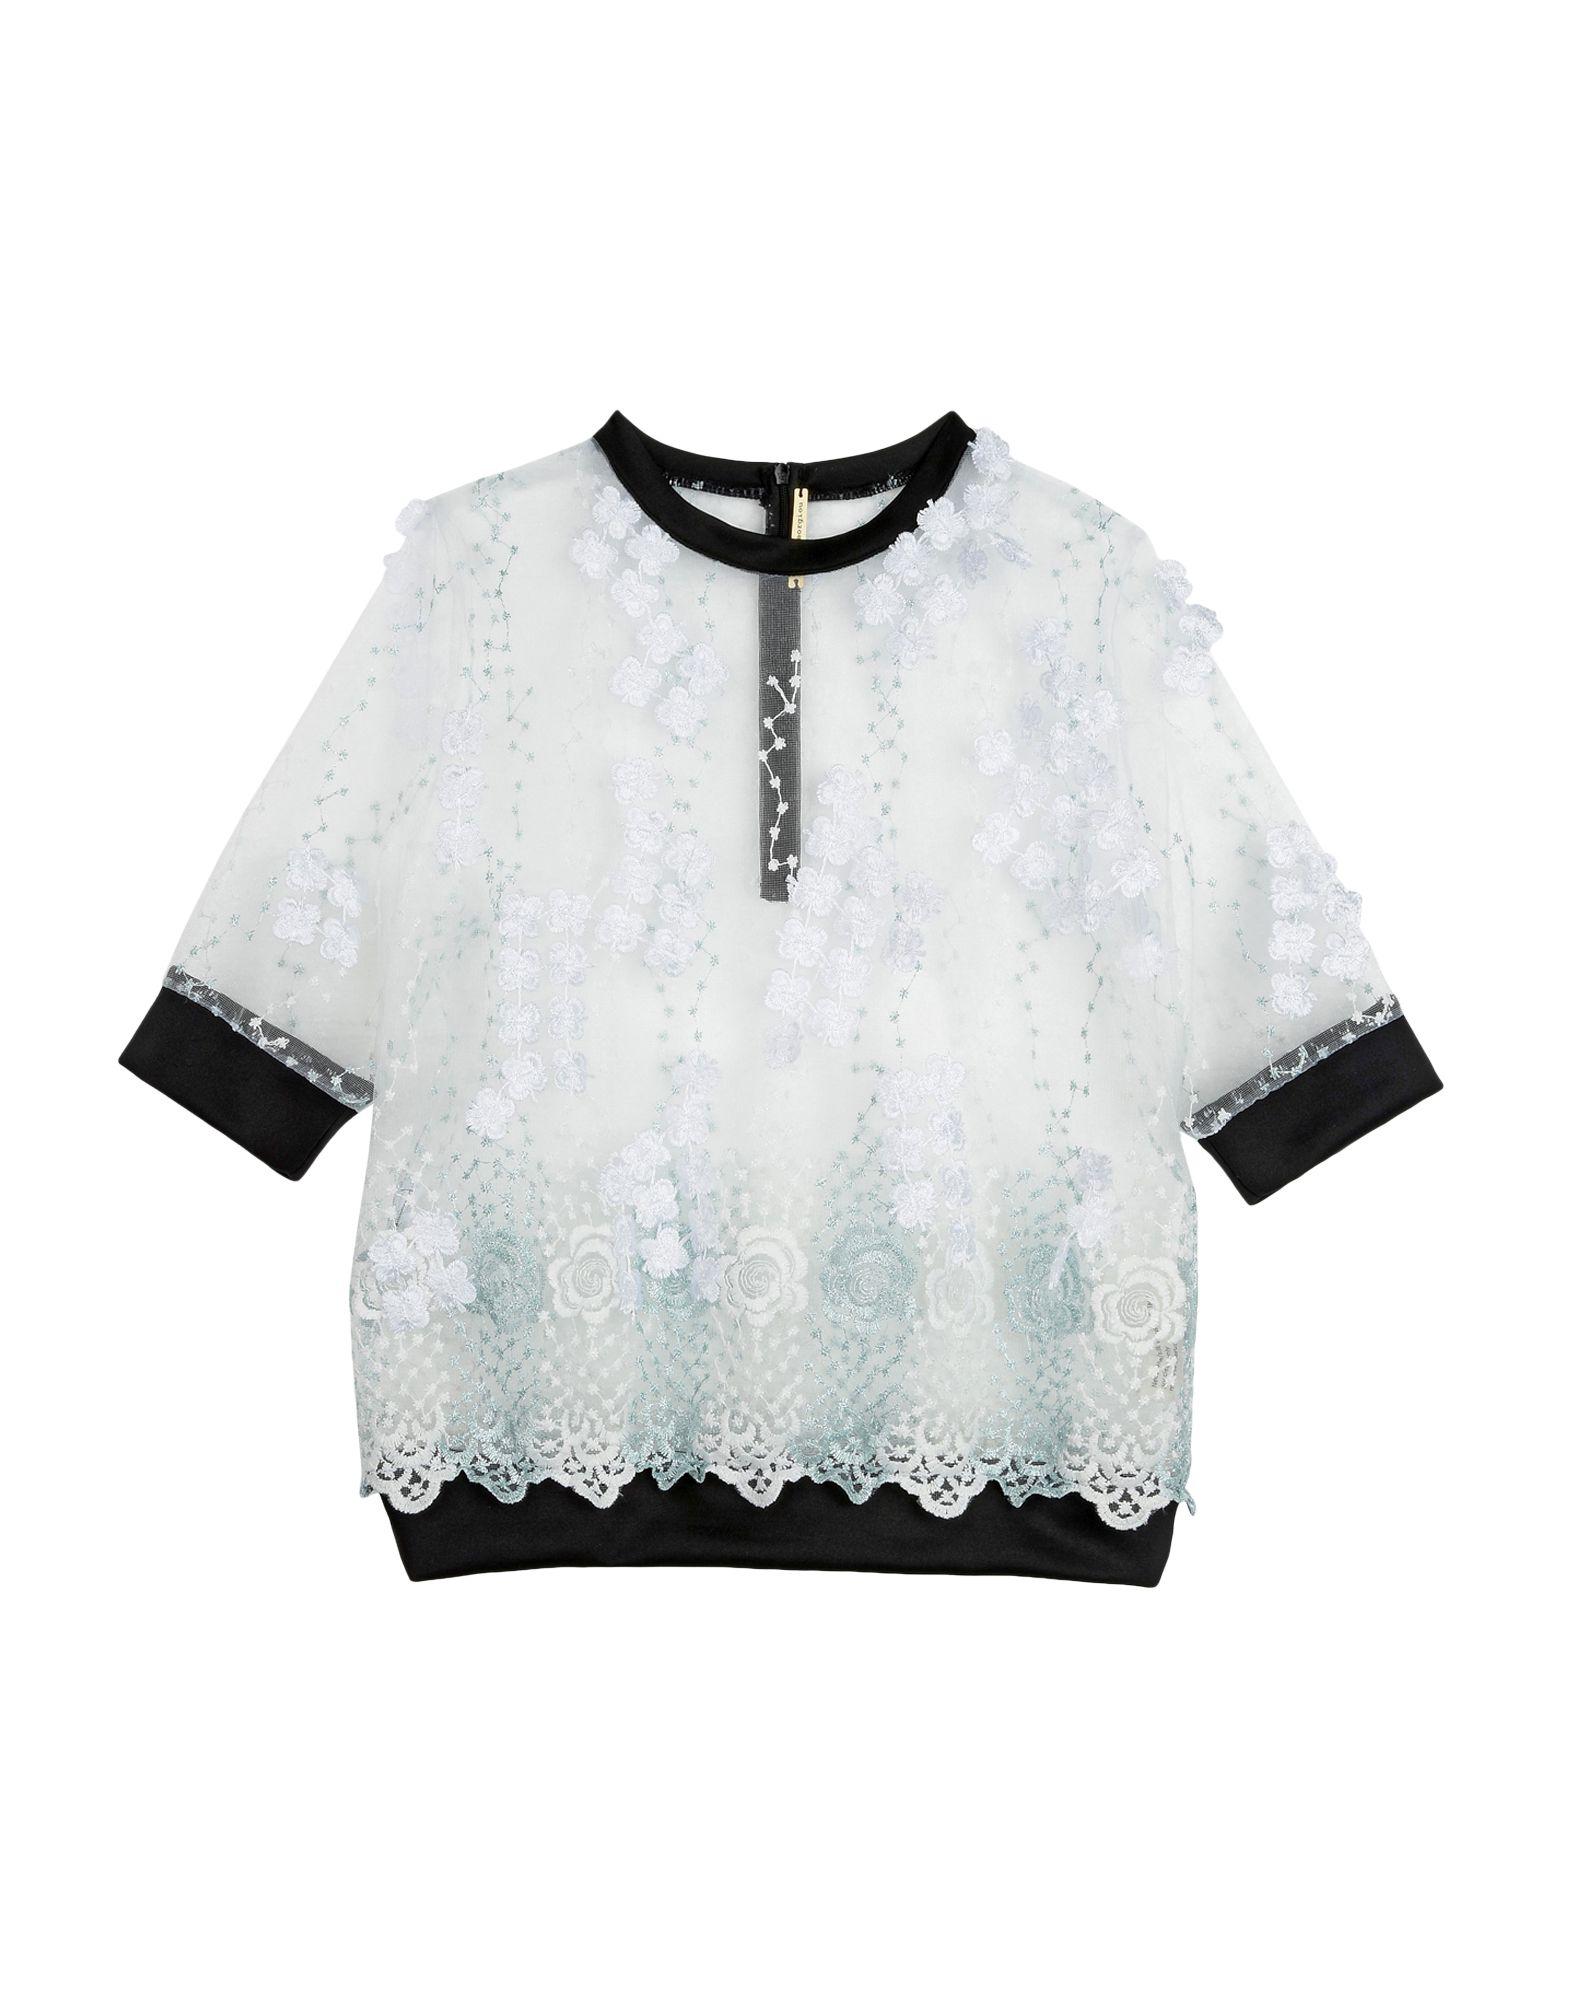 NATARGEORGIOU T-Shirts in White